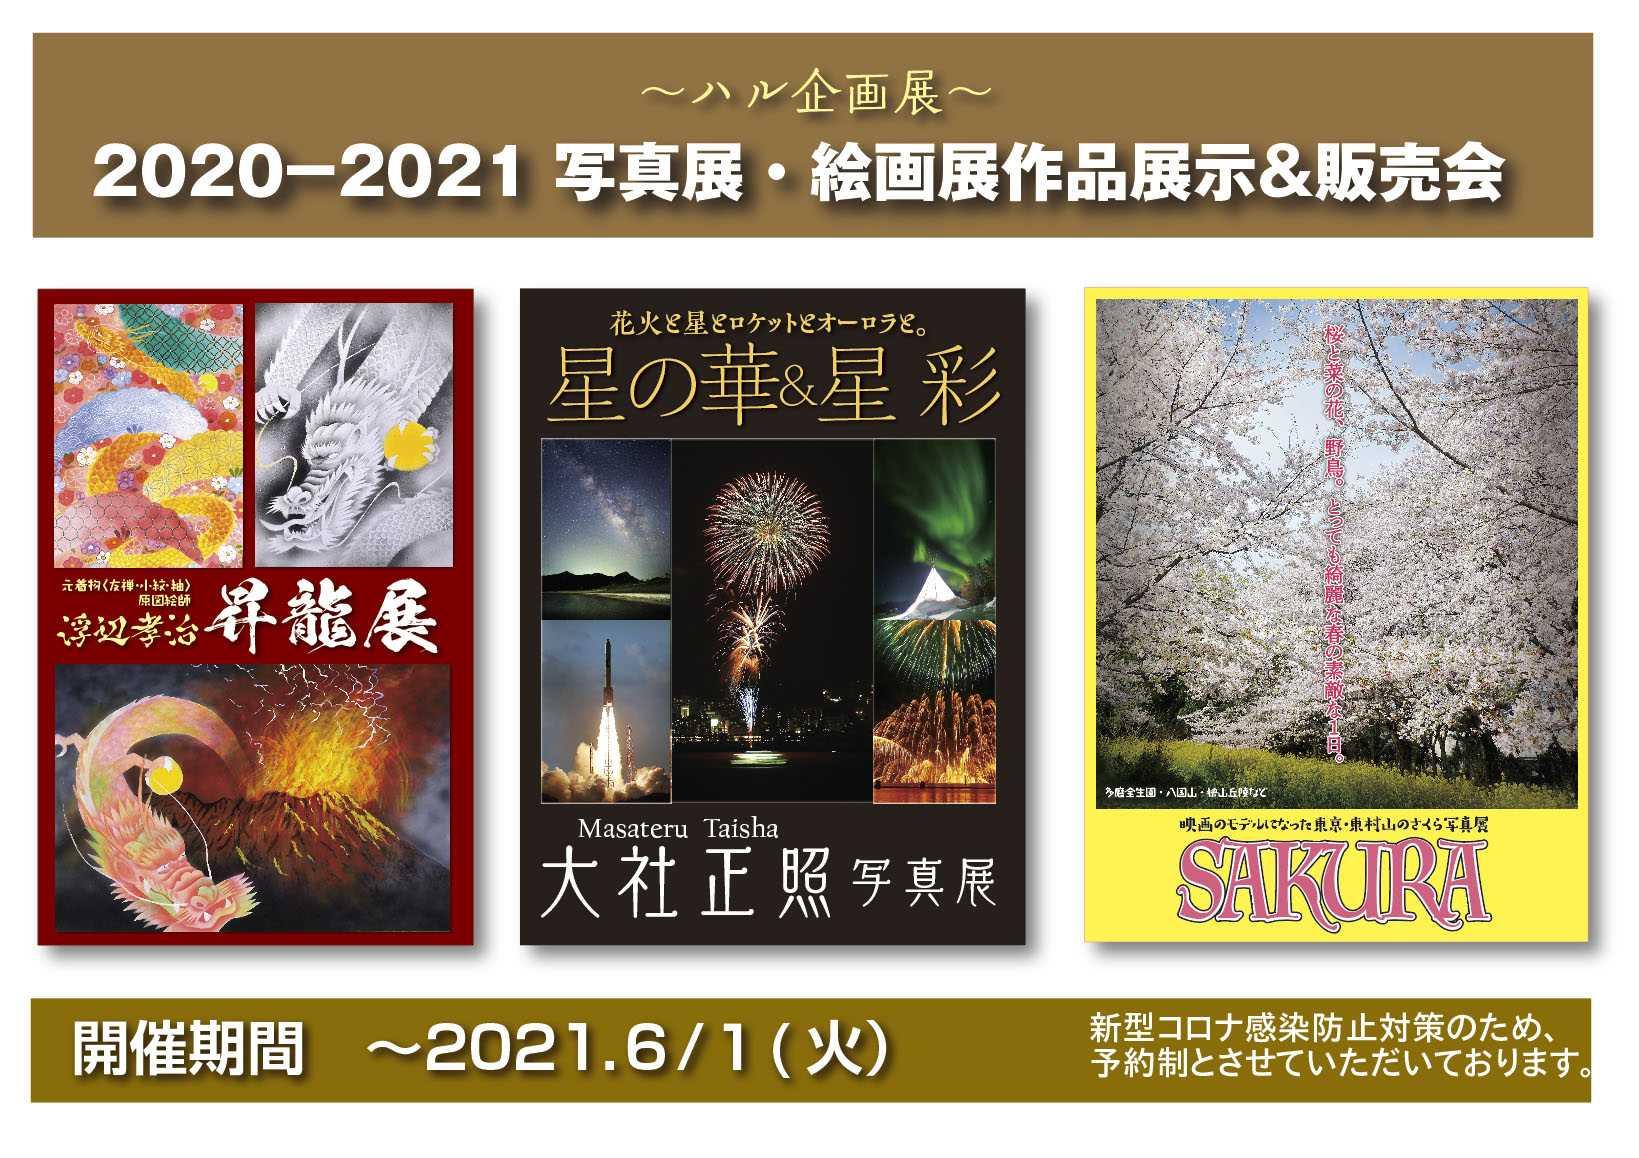 2020-2021 写真展・絵画展作品展示&販売会